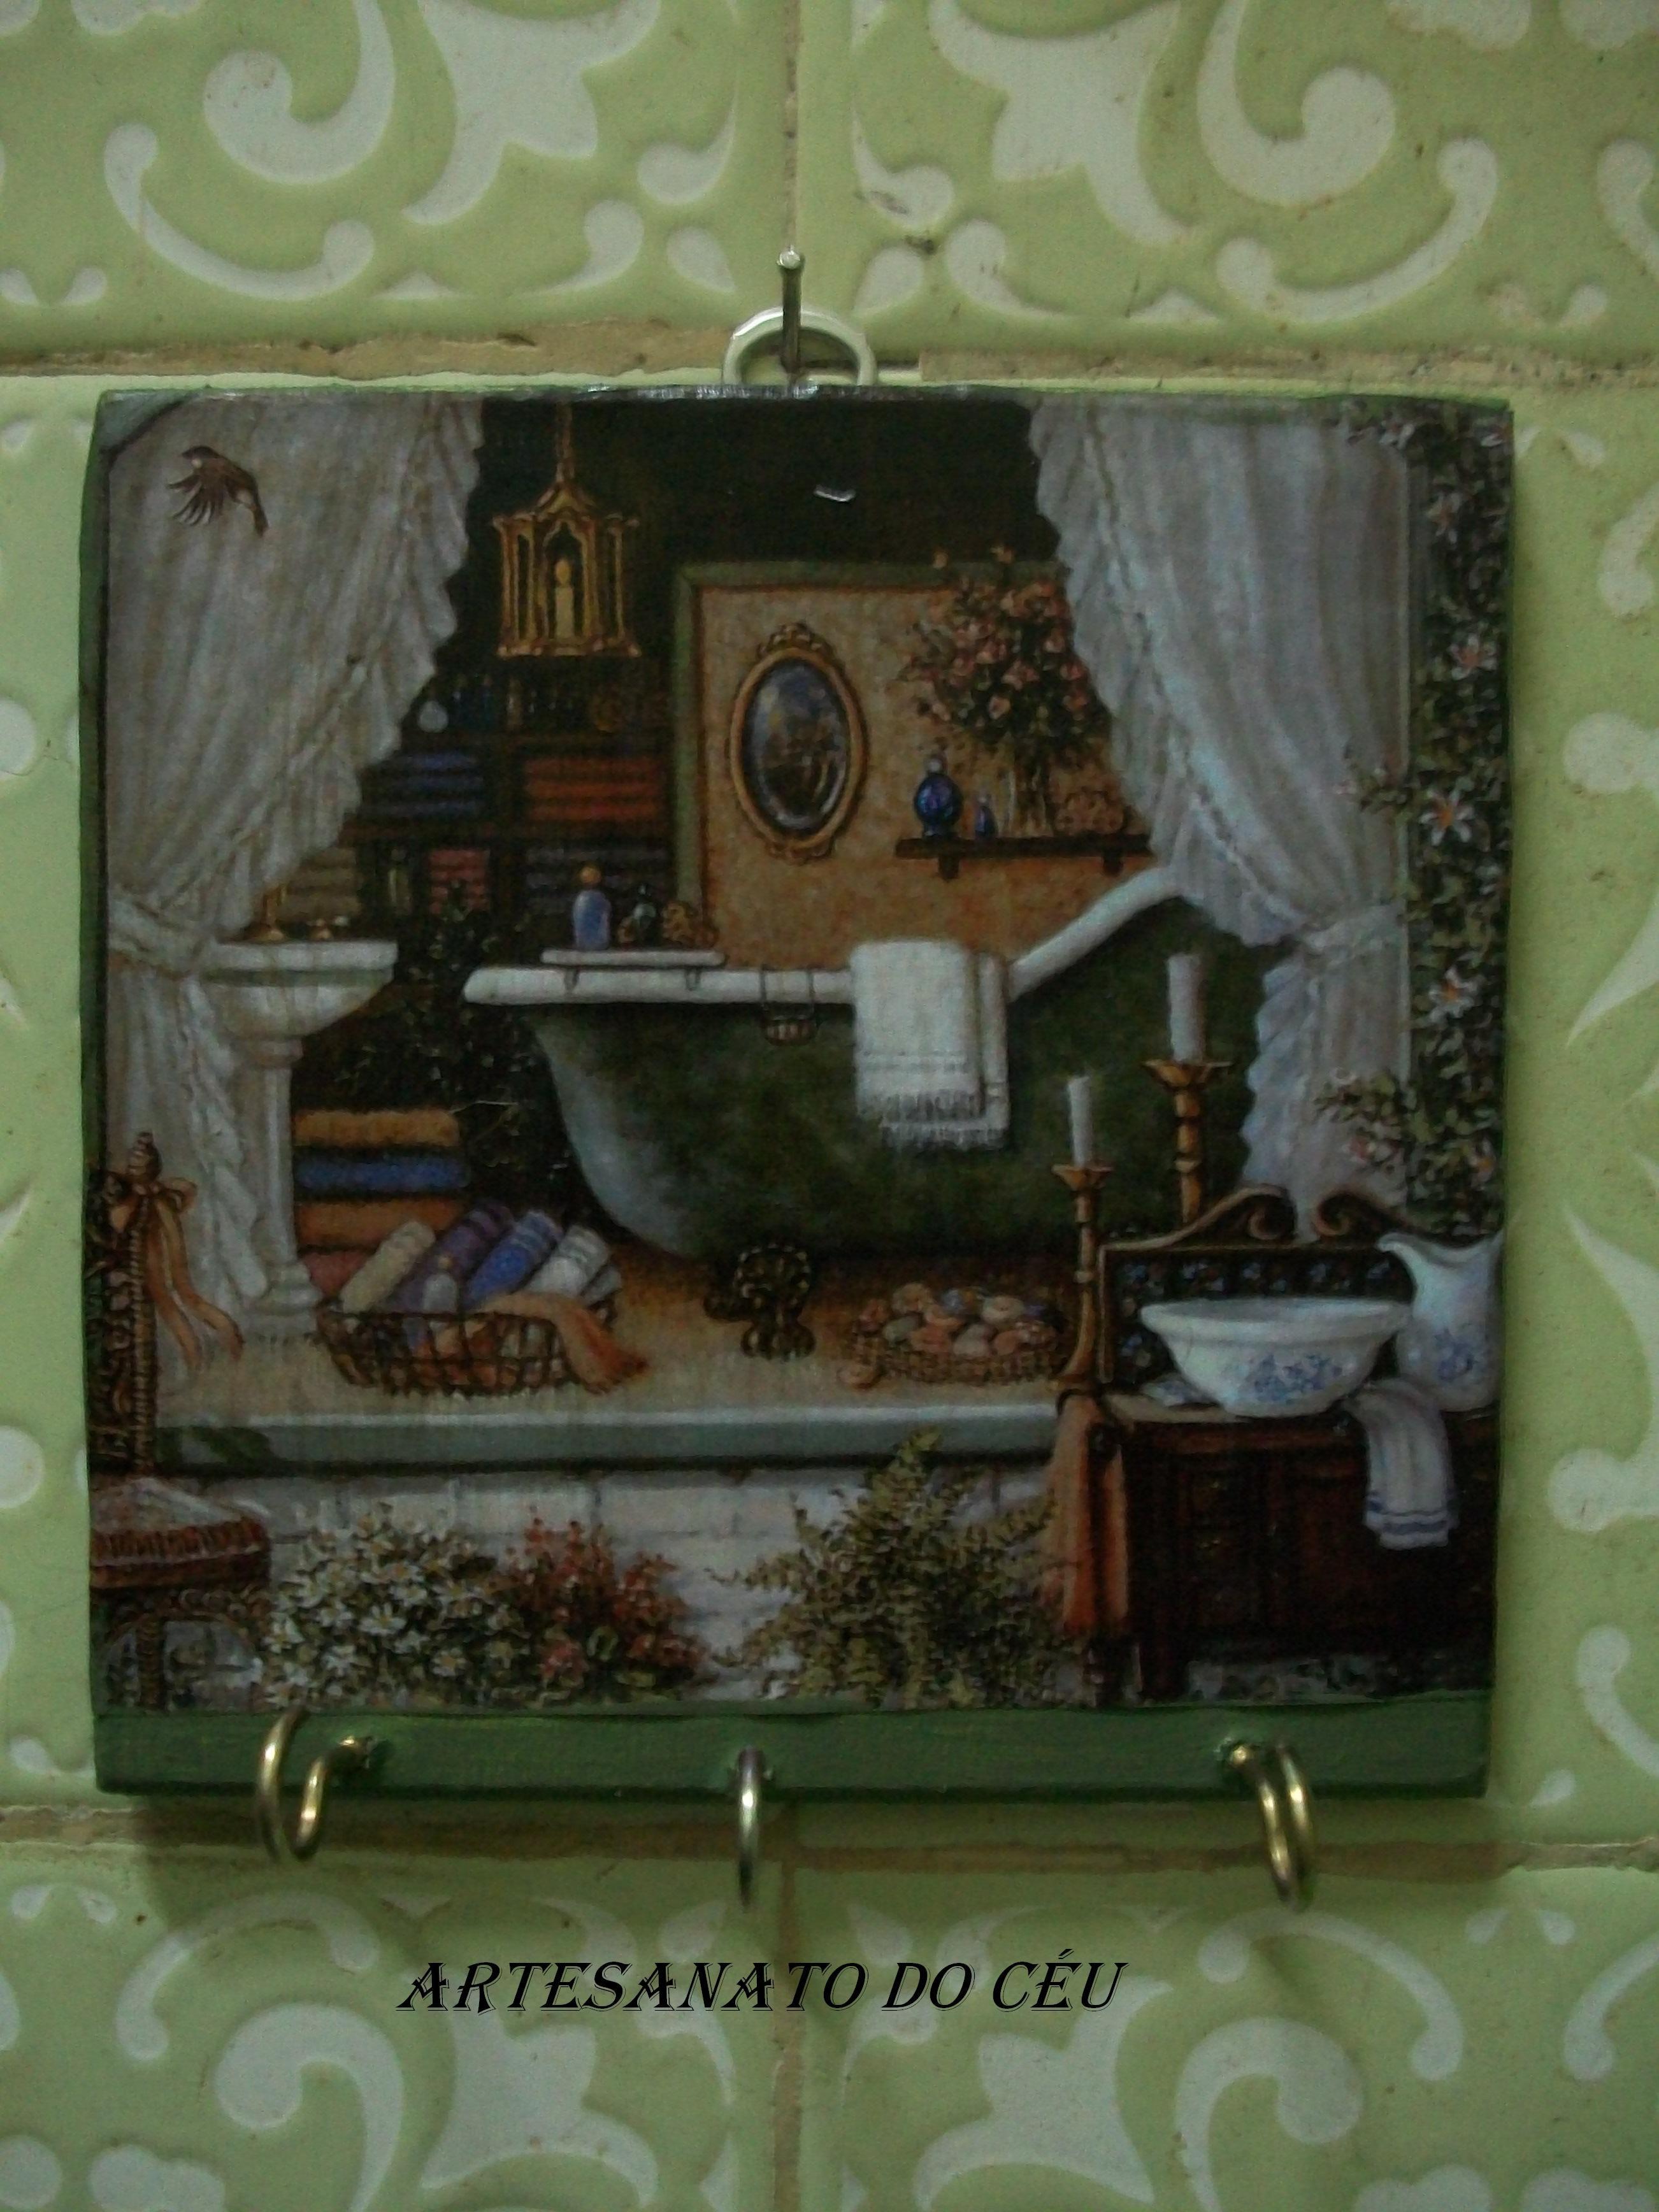 Plaquinha Banheiro - 14x14 - R$10,00 + frete